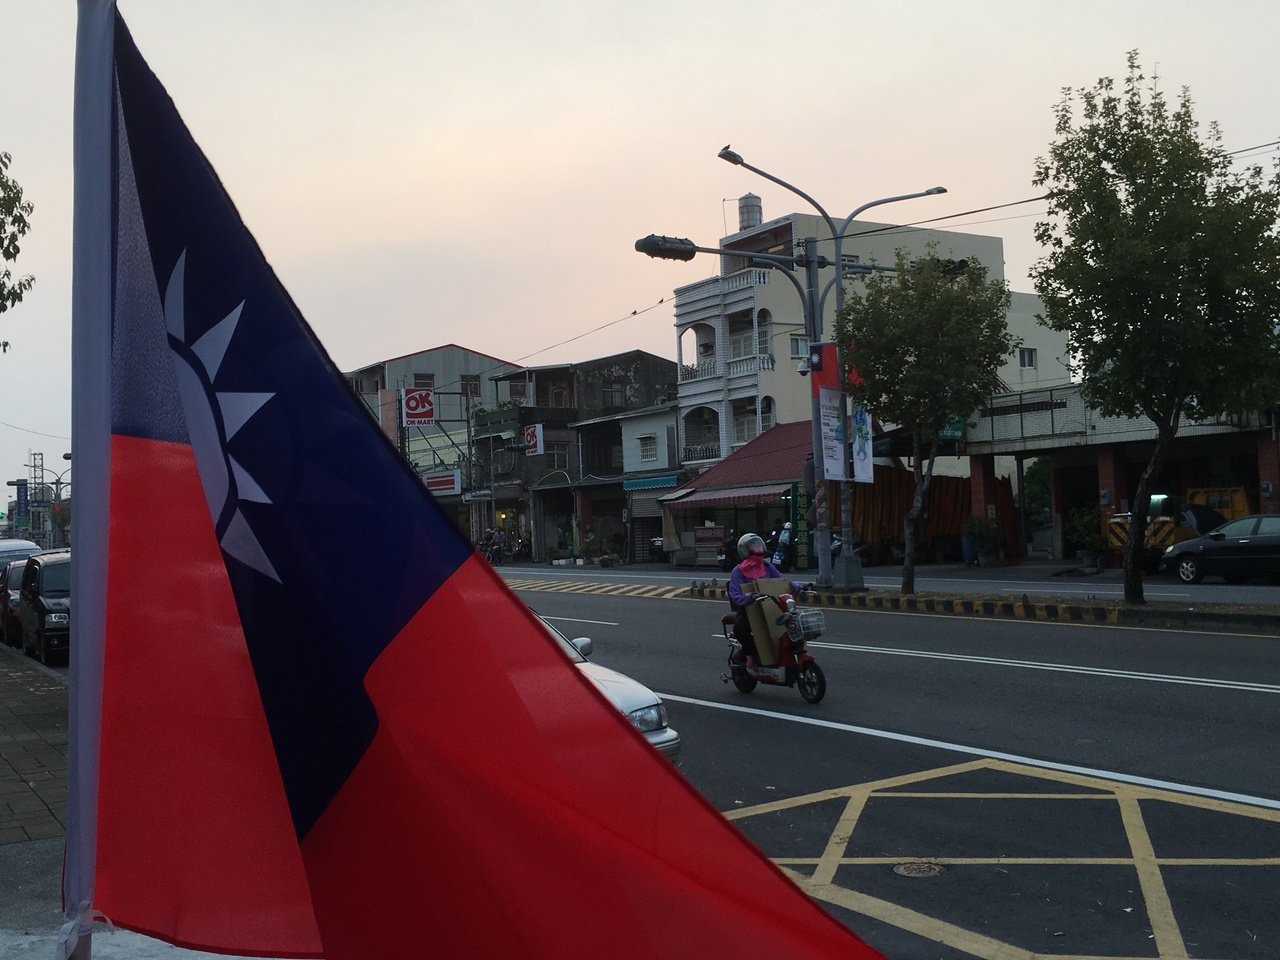 雲林縣斗六市市區道路直式懸掛國旗引起網友熱議。記者陳雅玲/攝影